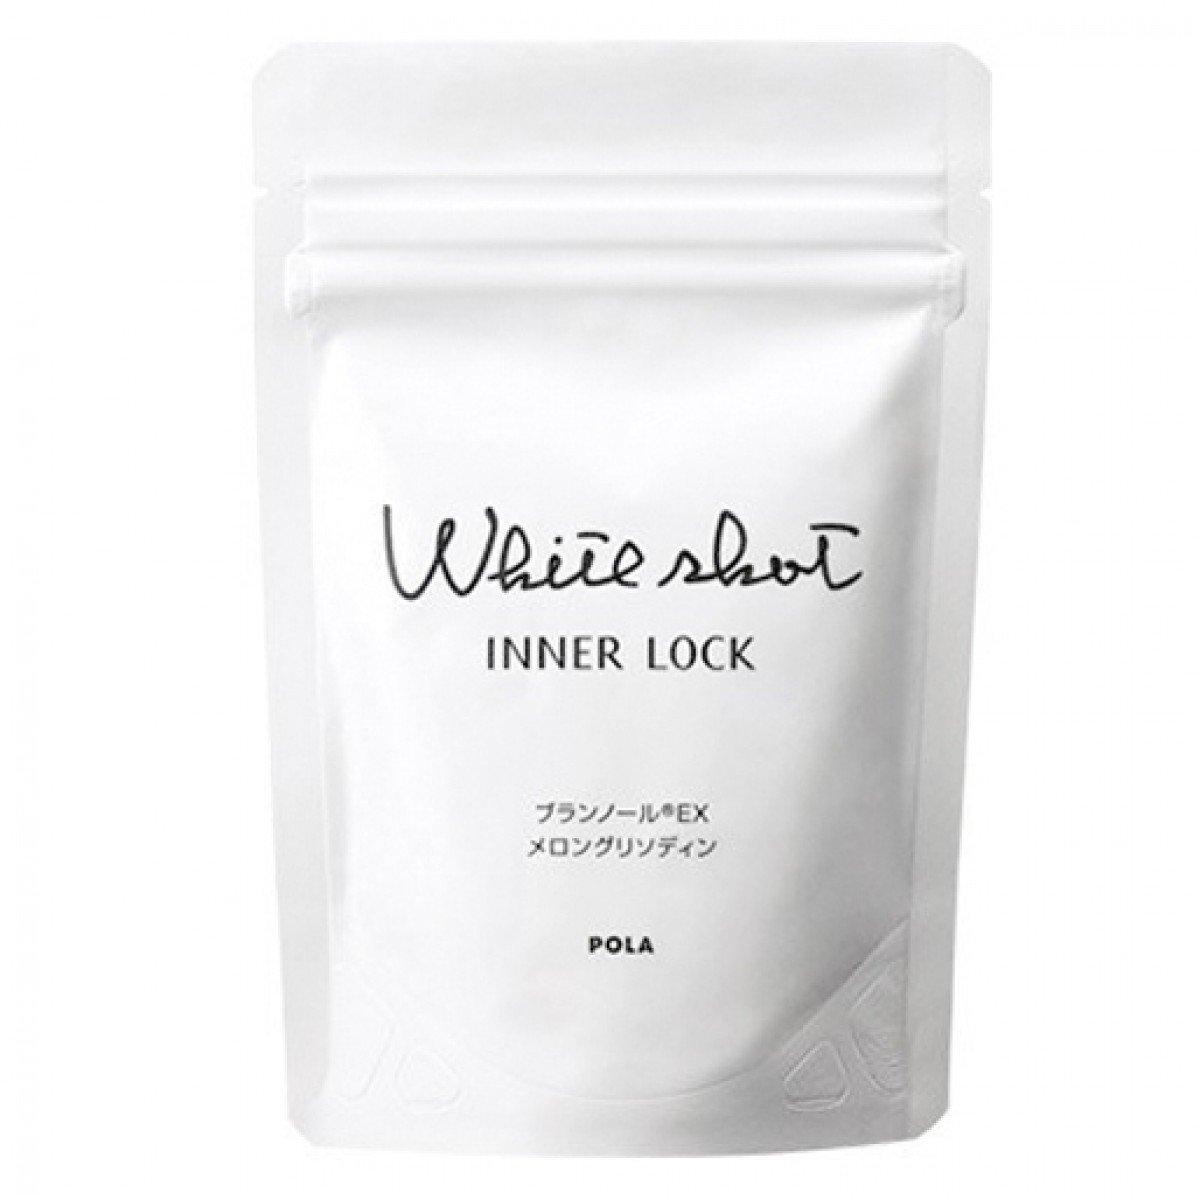 POLA White Shot Inner Lock 180 Tablets